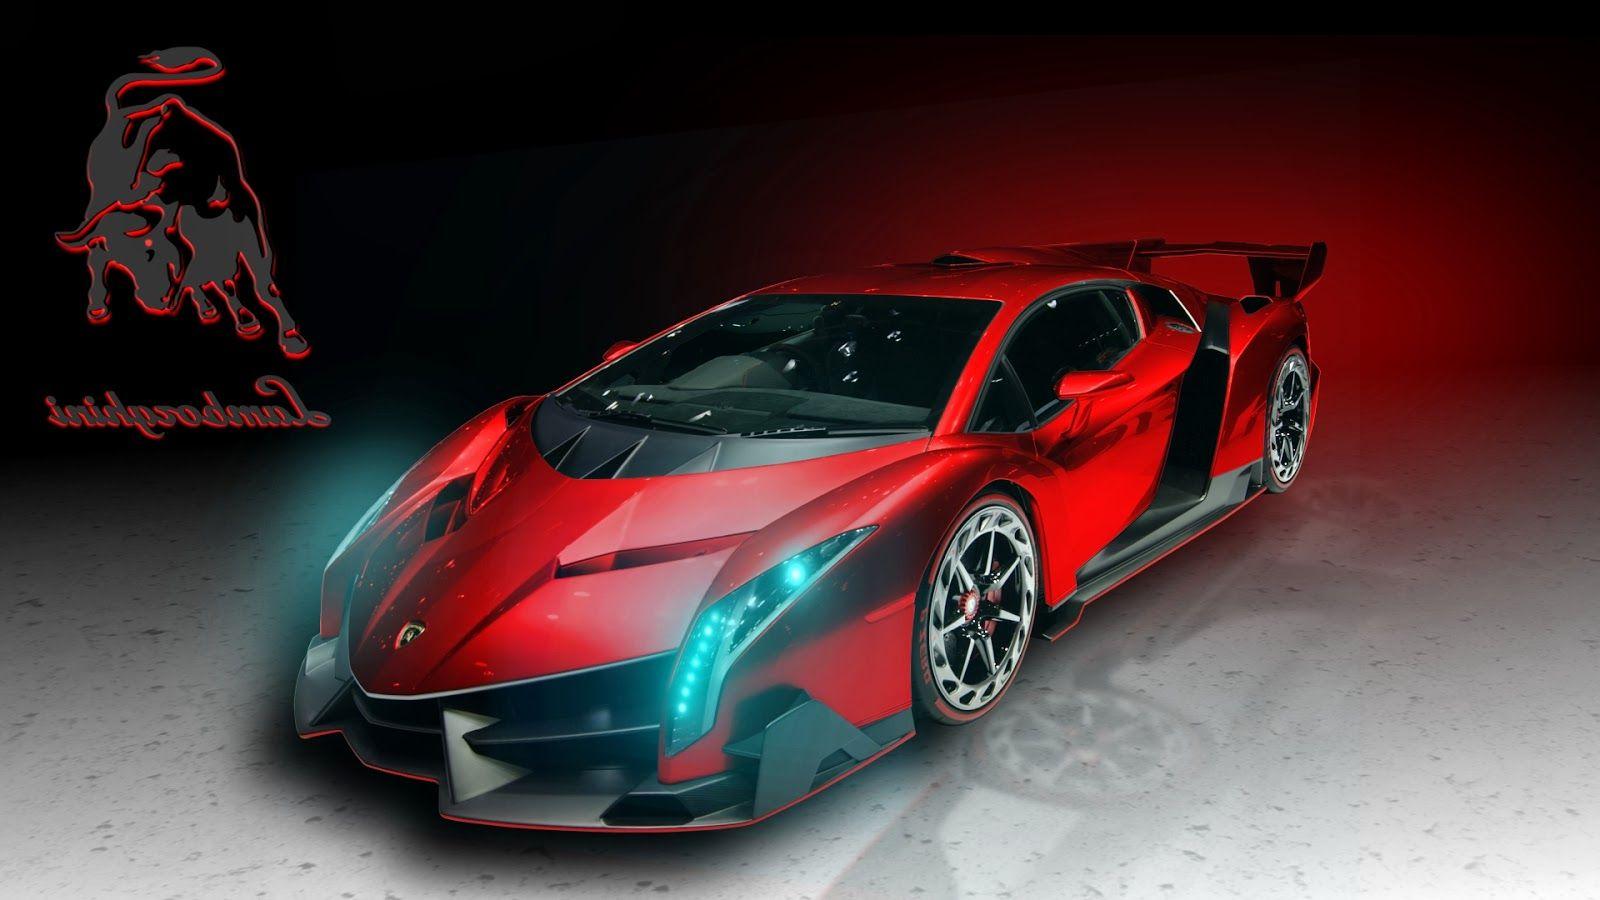 2015 lamborghini veneno red i think its sick | cars | pinterest